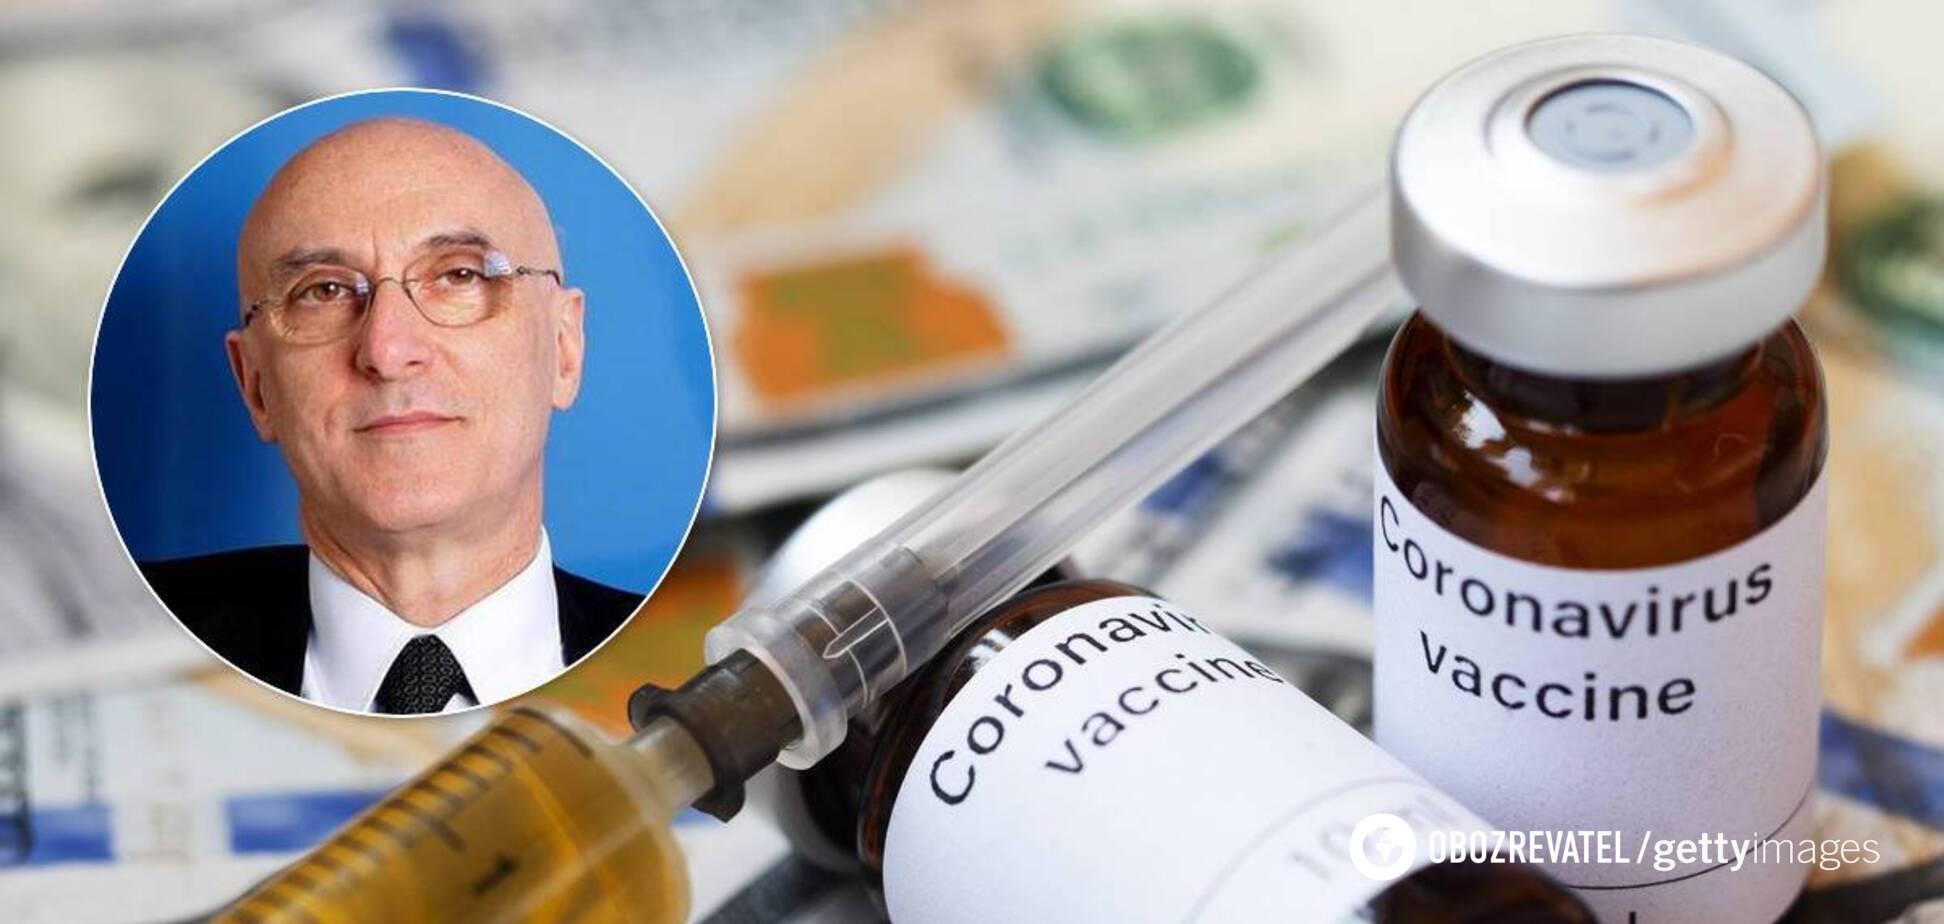 Ді Лоренцо заявив, що вакцина від COVID-19 з'явиться в продажу в січні 2021-го